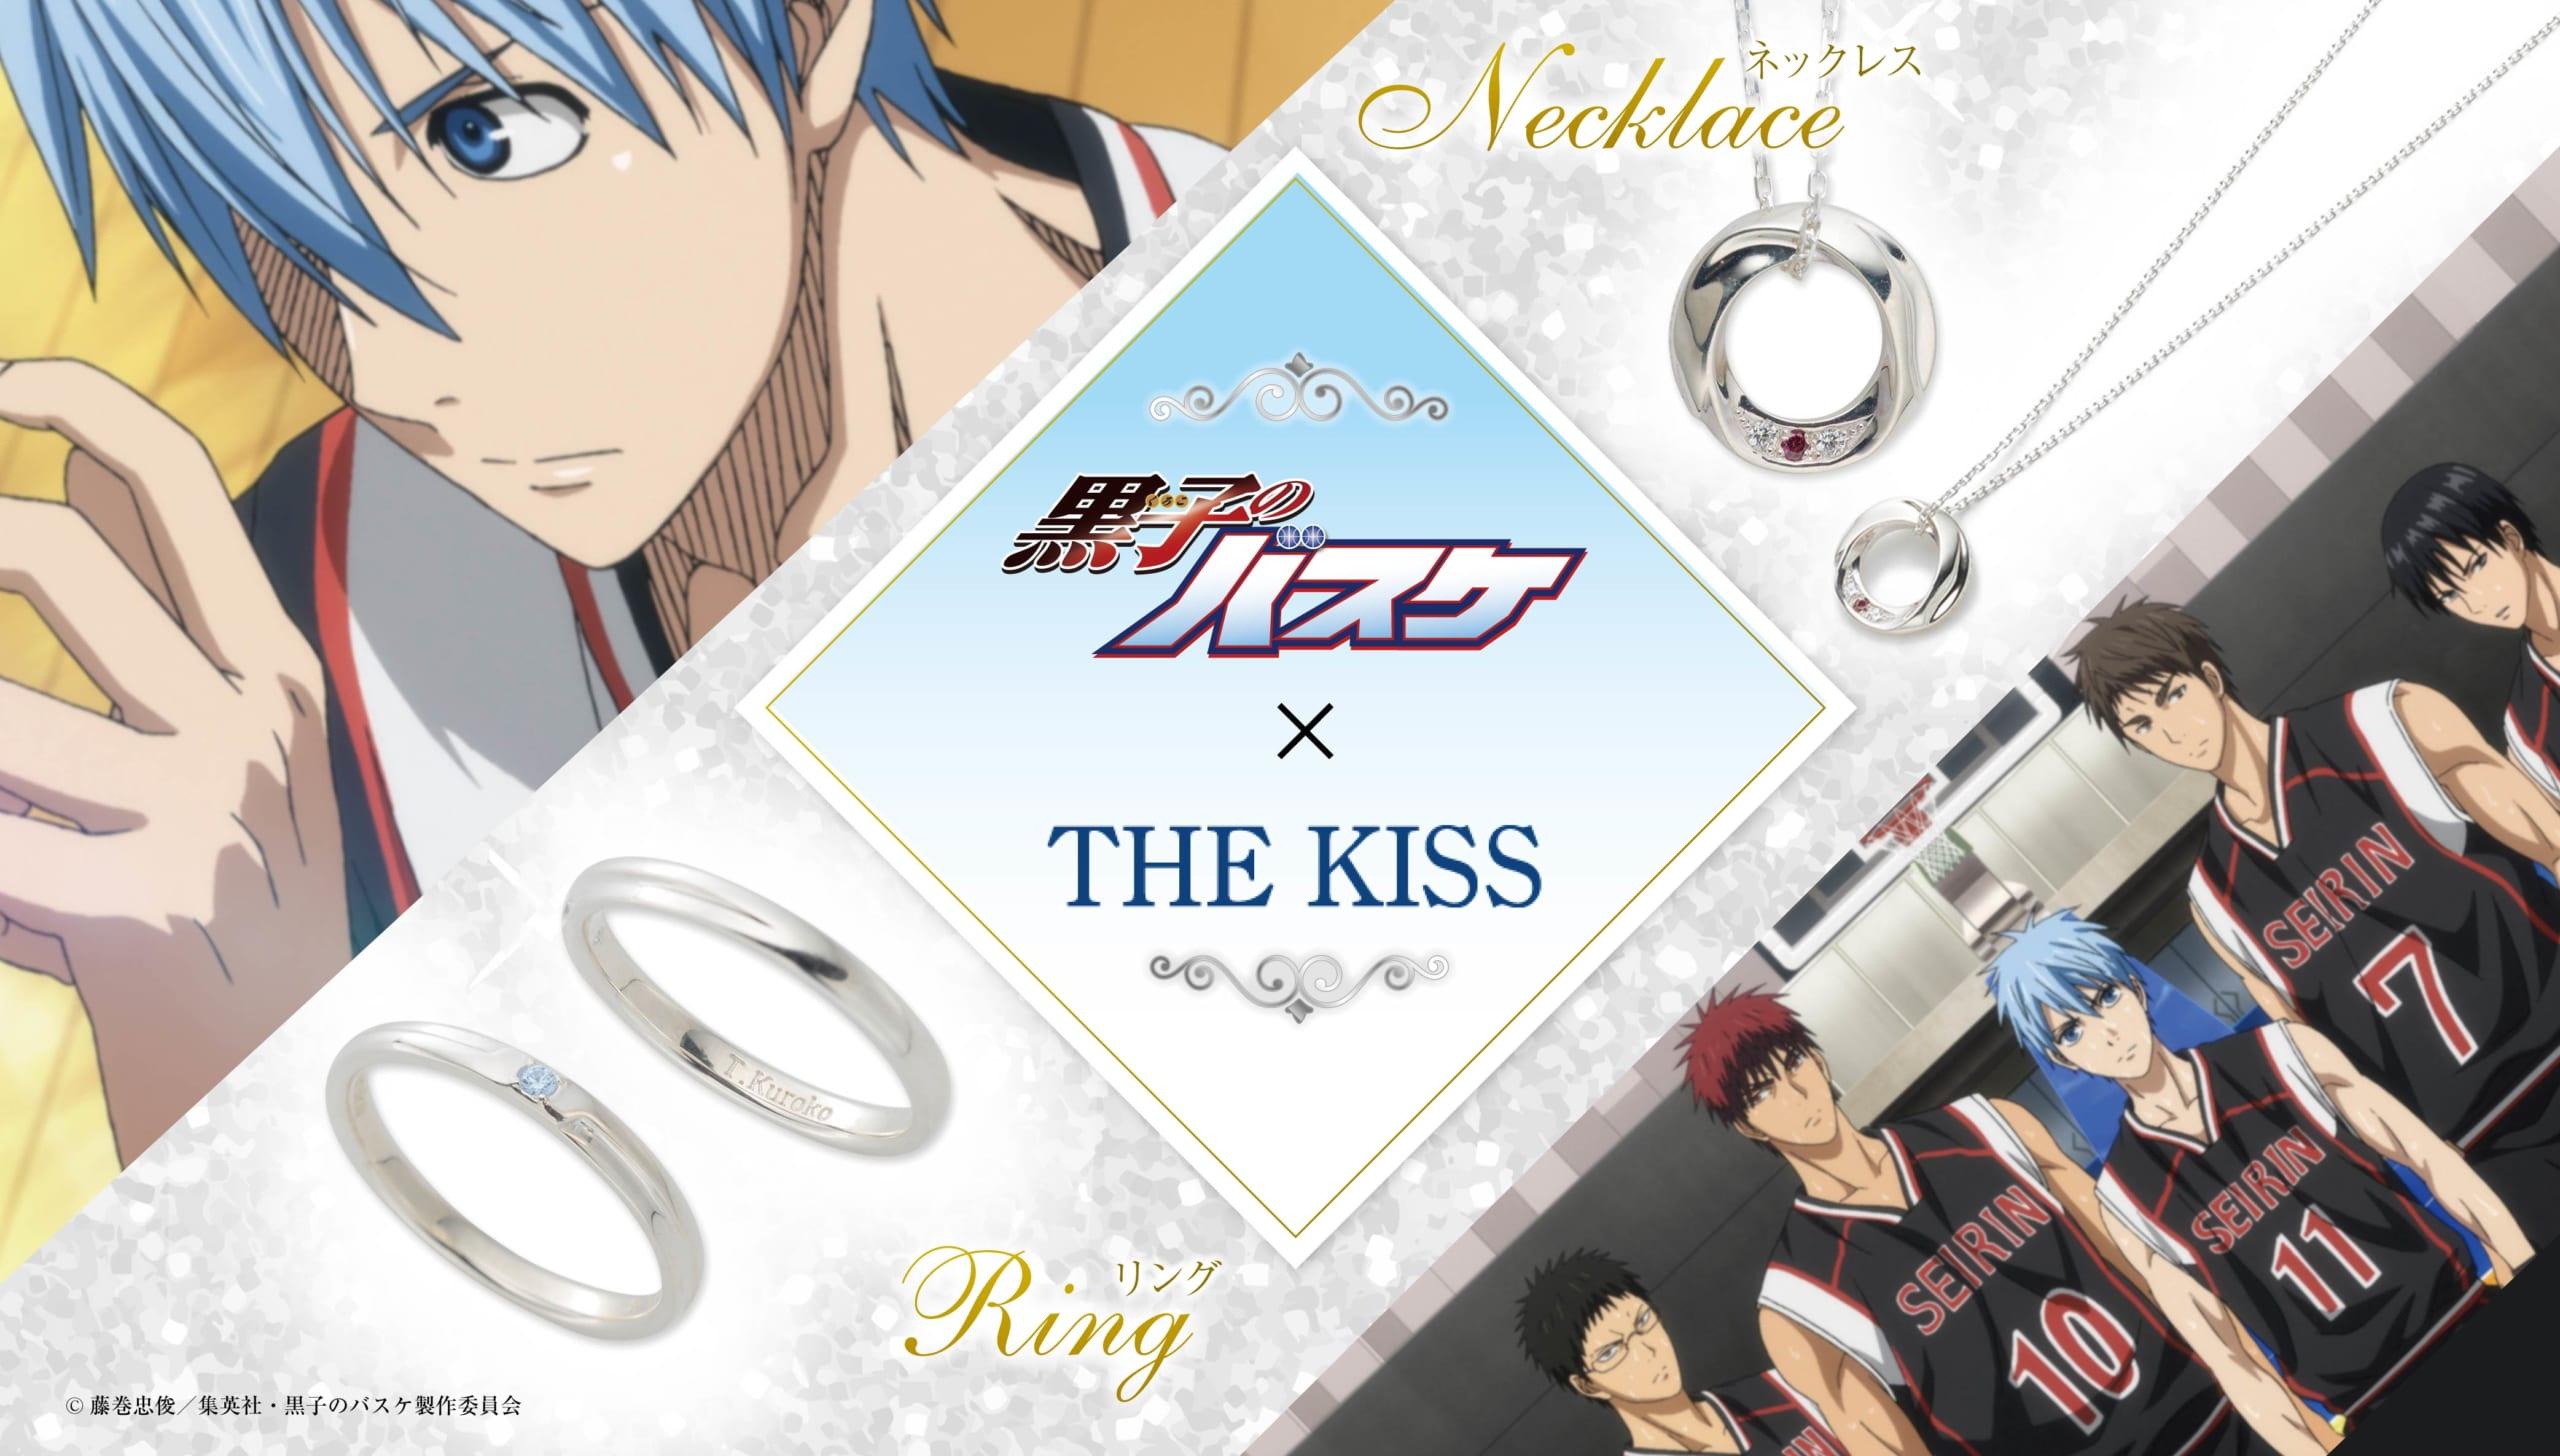 『黒バス』×「THE KISS」コラボジュエリー第3弾登場!重ね付けしやすいリング&学校イメージのネックレスで組み合わせ自由